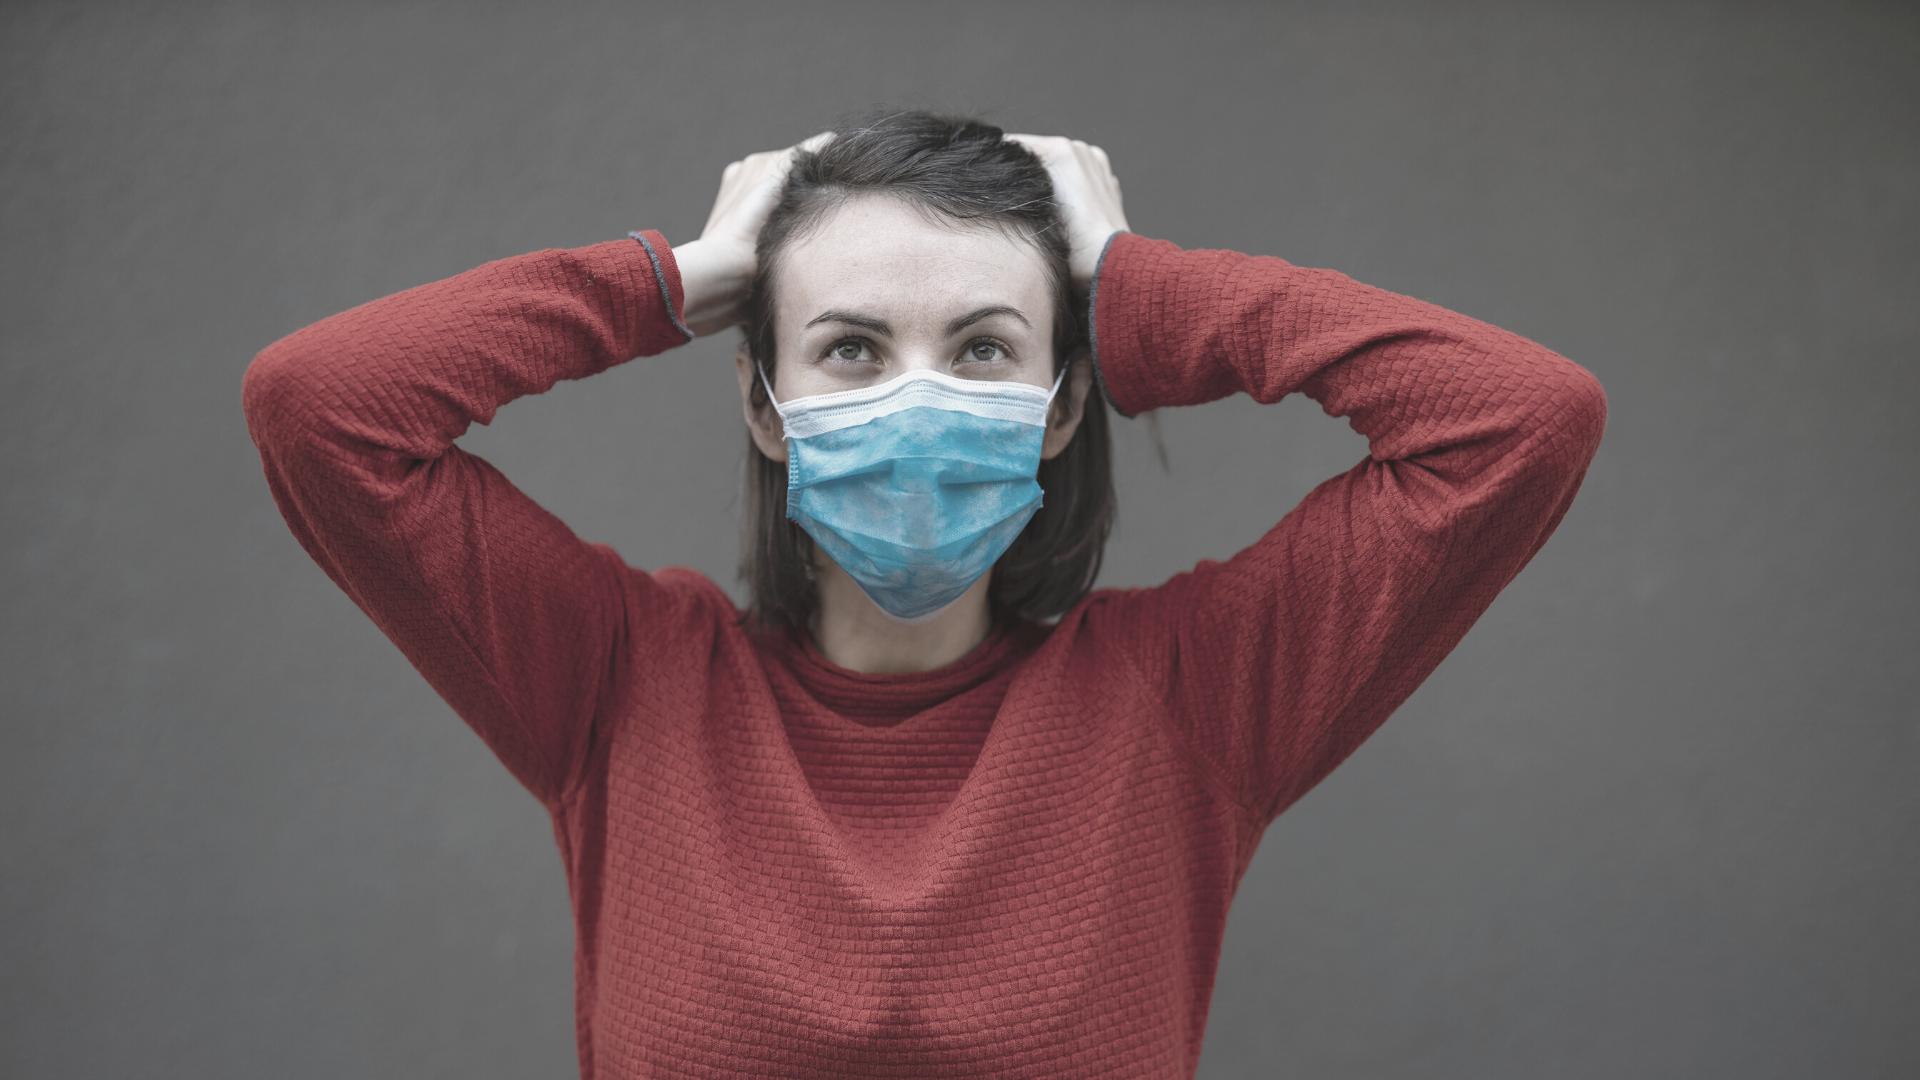 el uso de la mascarilla puede afectar a la salud dental